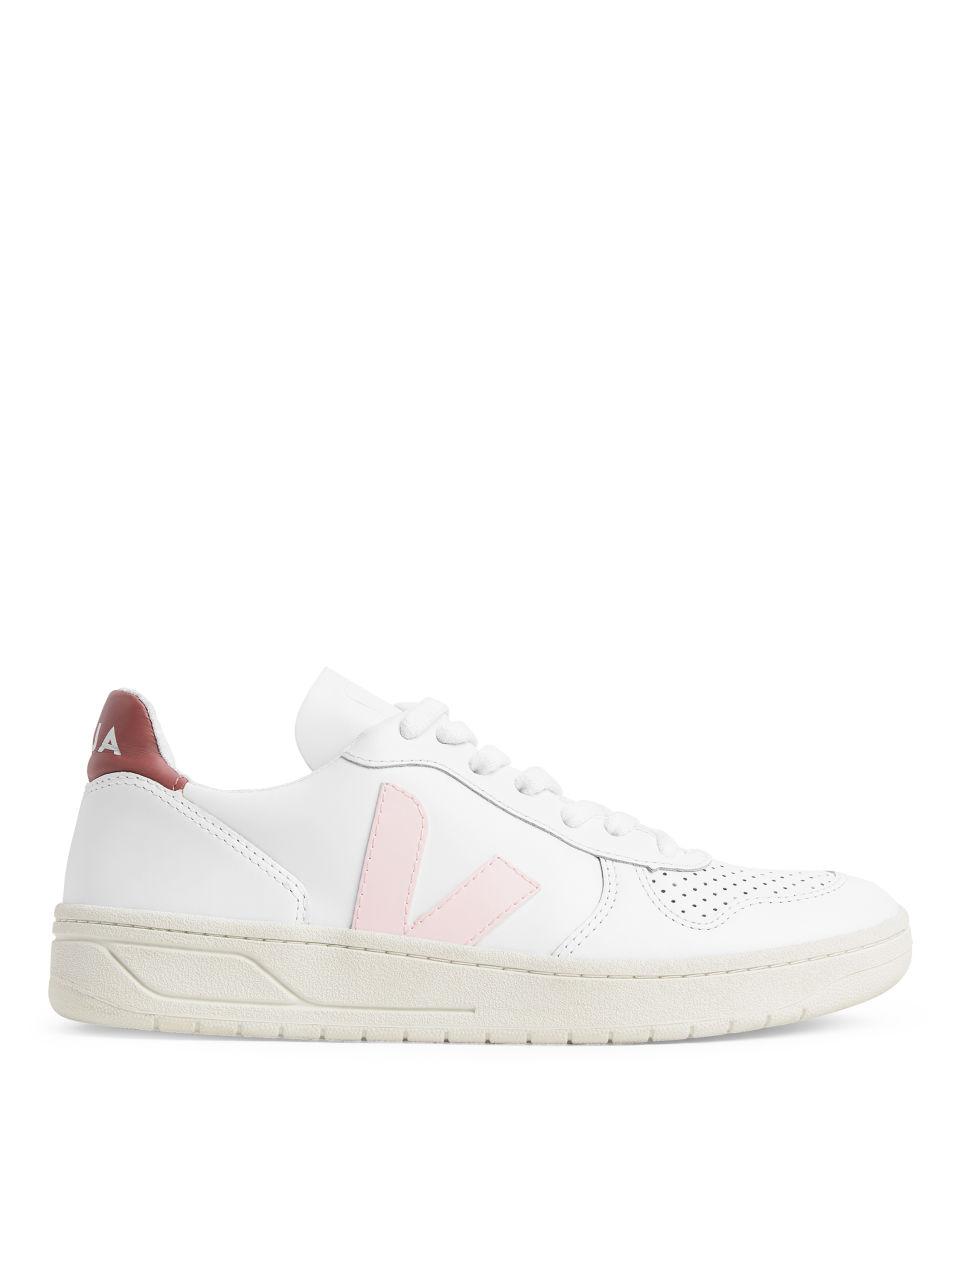 Vita sneakers med detaljer i rosa och